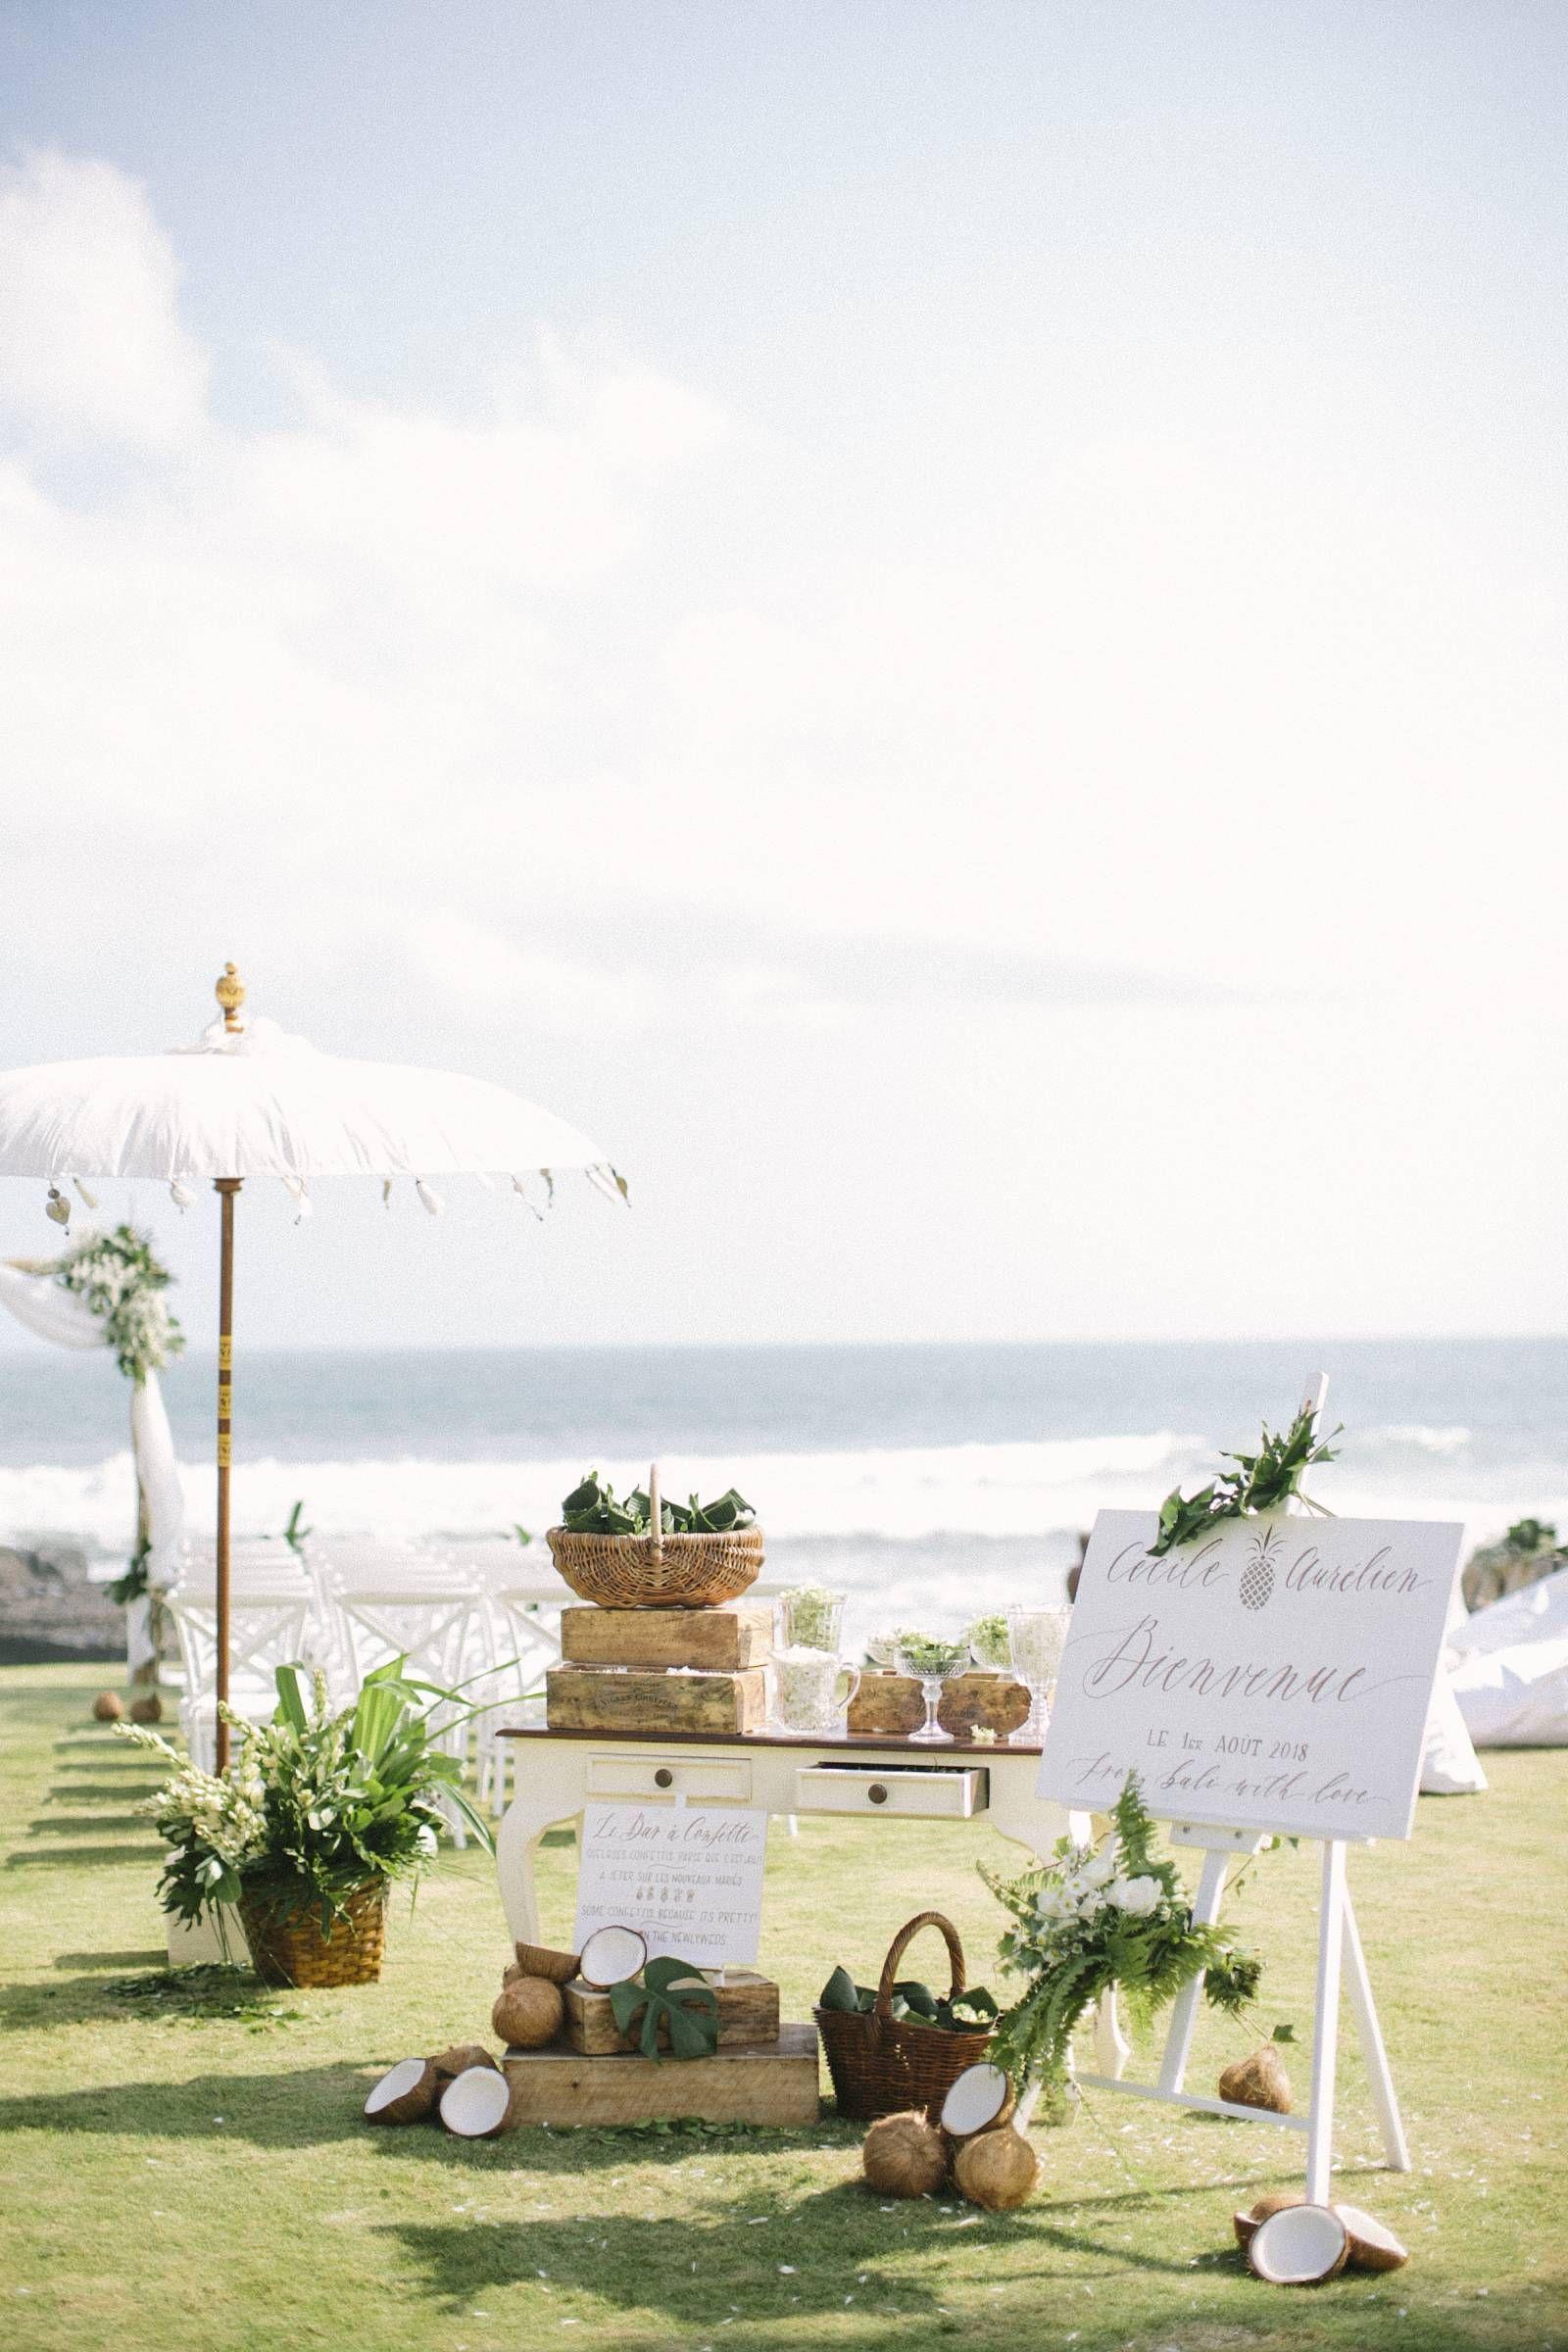 Elegant tropical wedding in a small village in Bali via